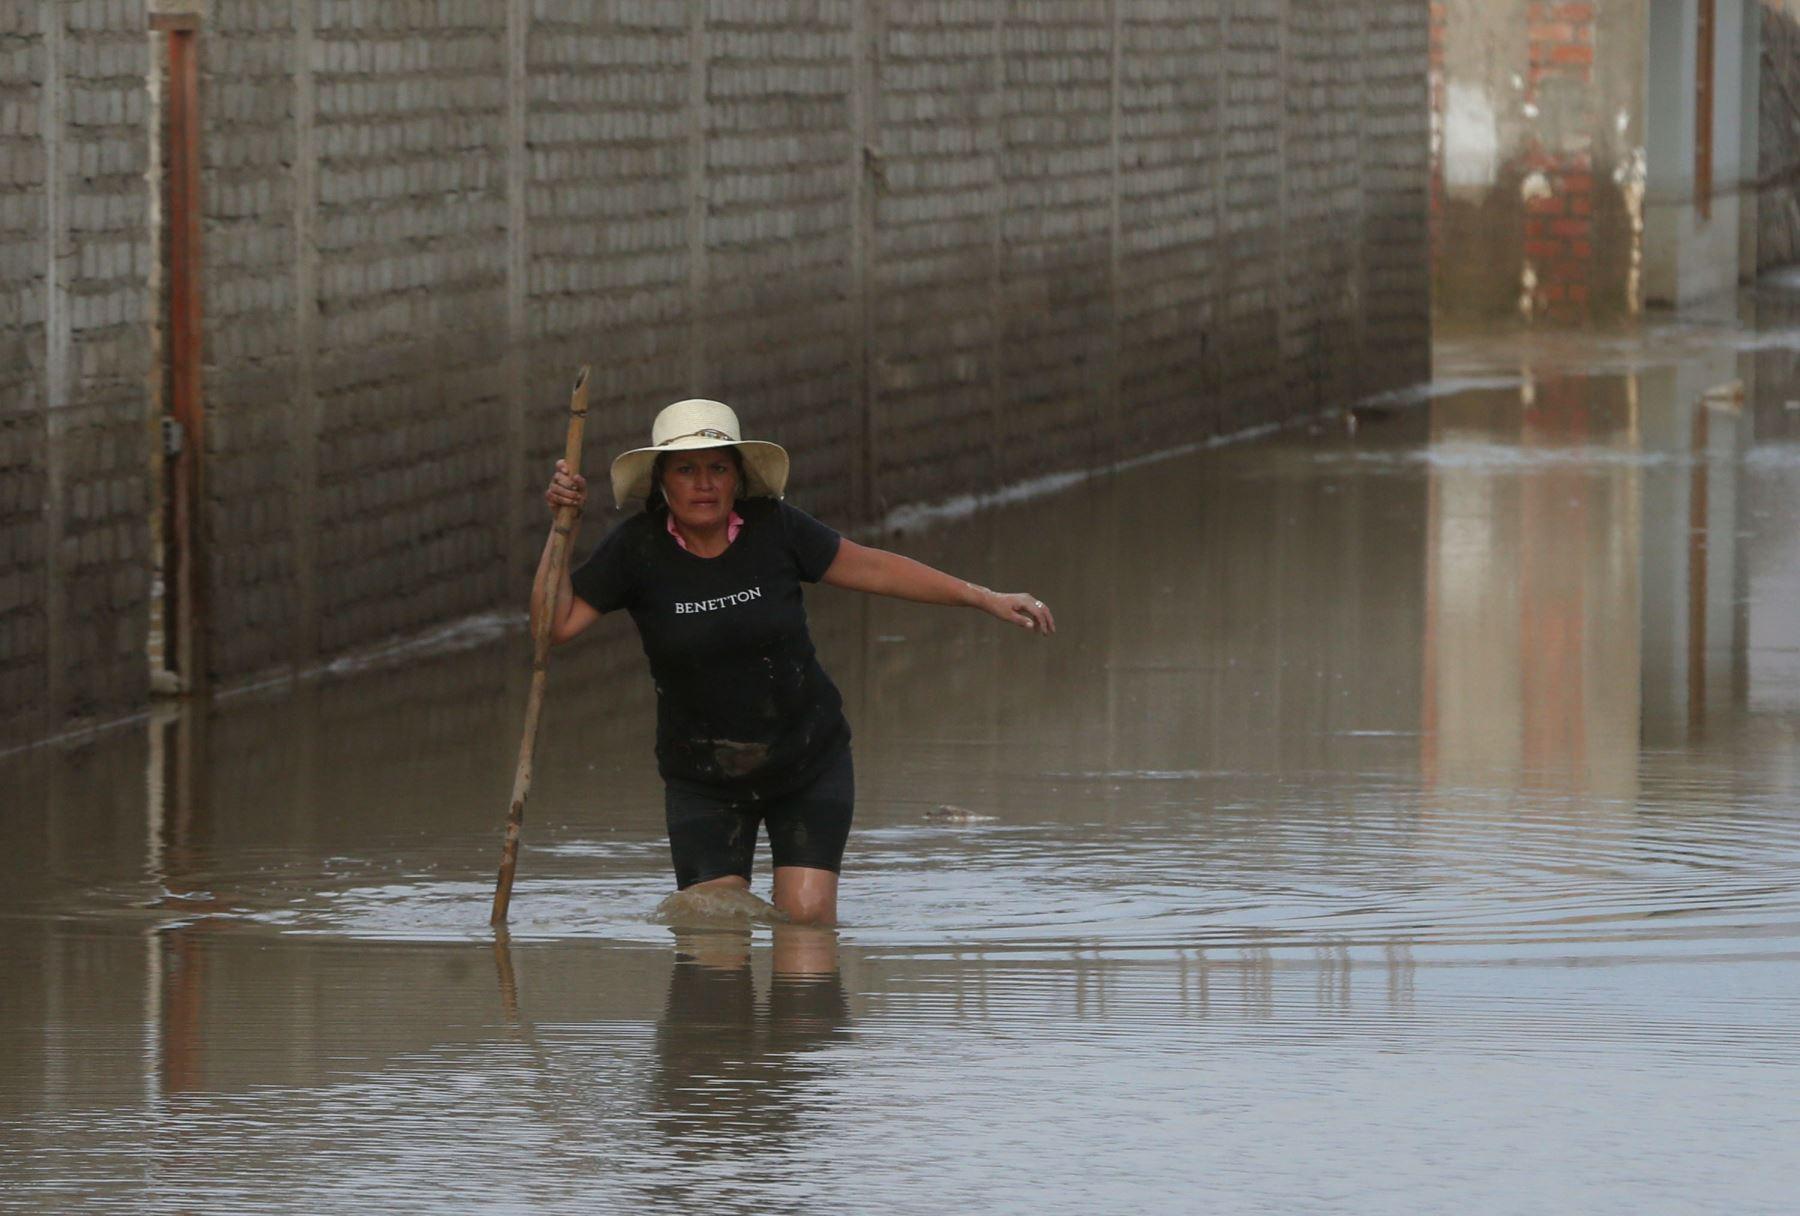 Las lluvias intensas que se registran en Puno ocasionaron el desborde del río Limbani que dejó 25 familias afectadas al inundarse sus viviendas ubicadas en las localidades de Aricoma – Apacheta, así como en los barrios de José Olaya y San Miguel en el distrito de Limbani, en la provincia de Sandia .ANDINA/Vidal Tarqui